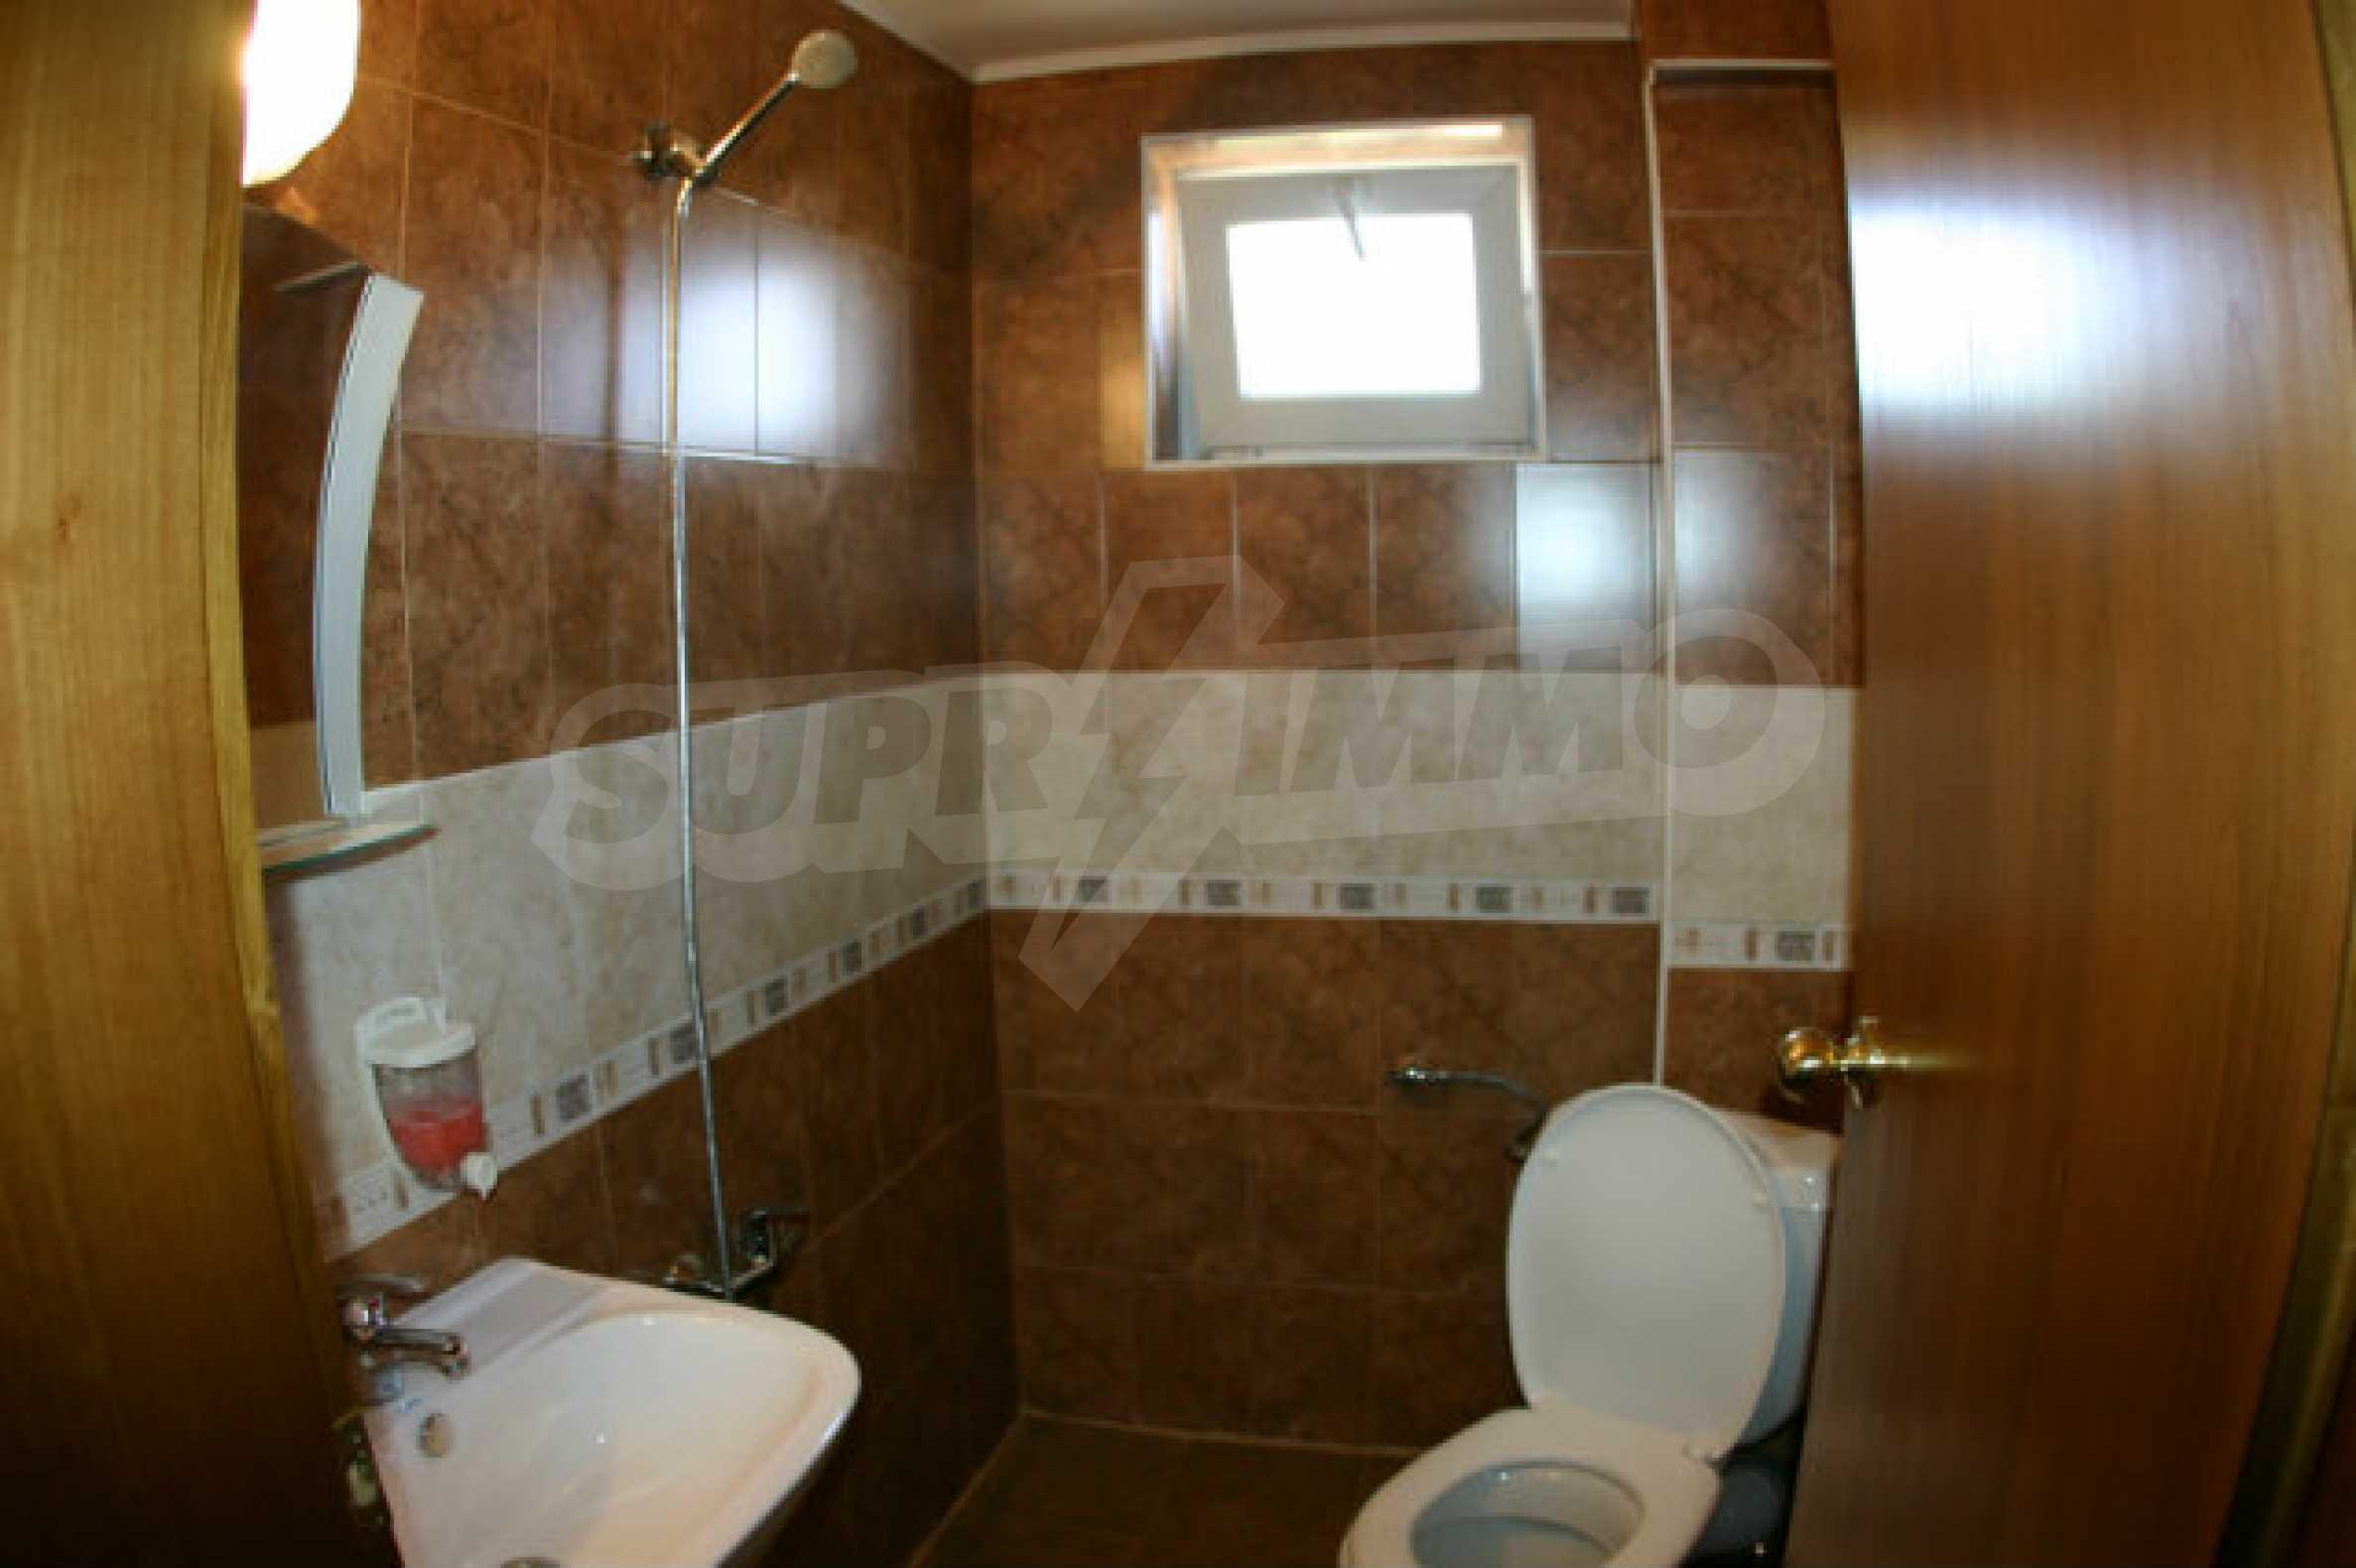 Familienhotel zum Verkauf in Dobrinischte, 6 km von Bansko entfernt 26